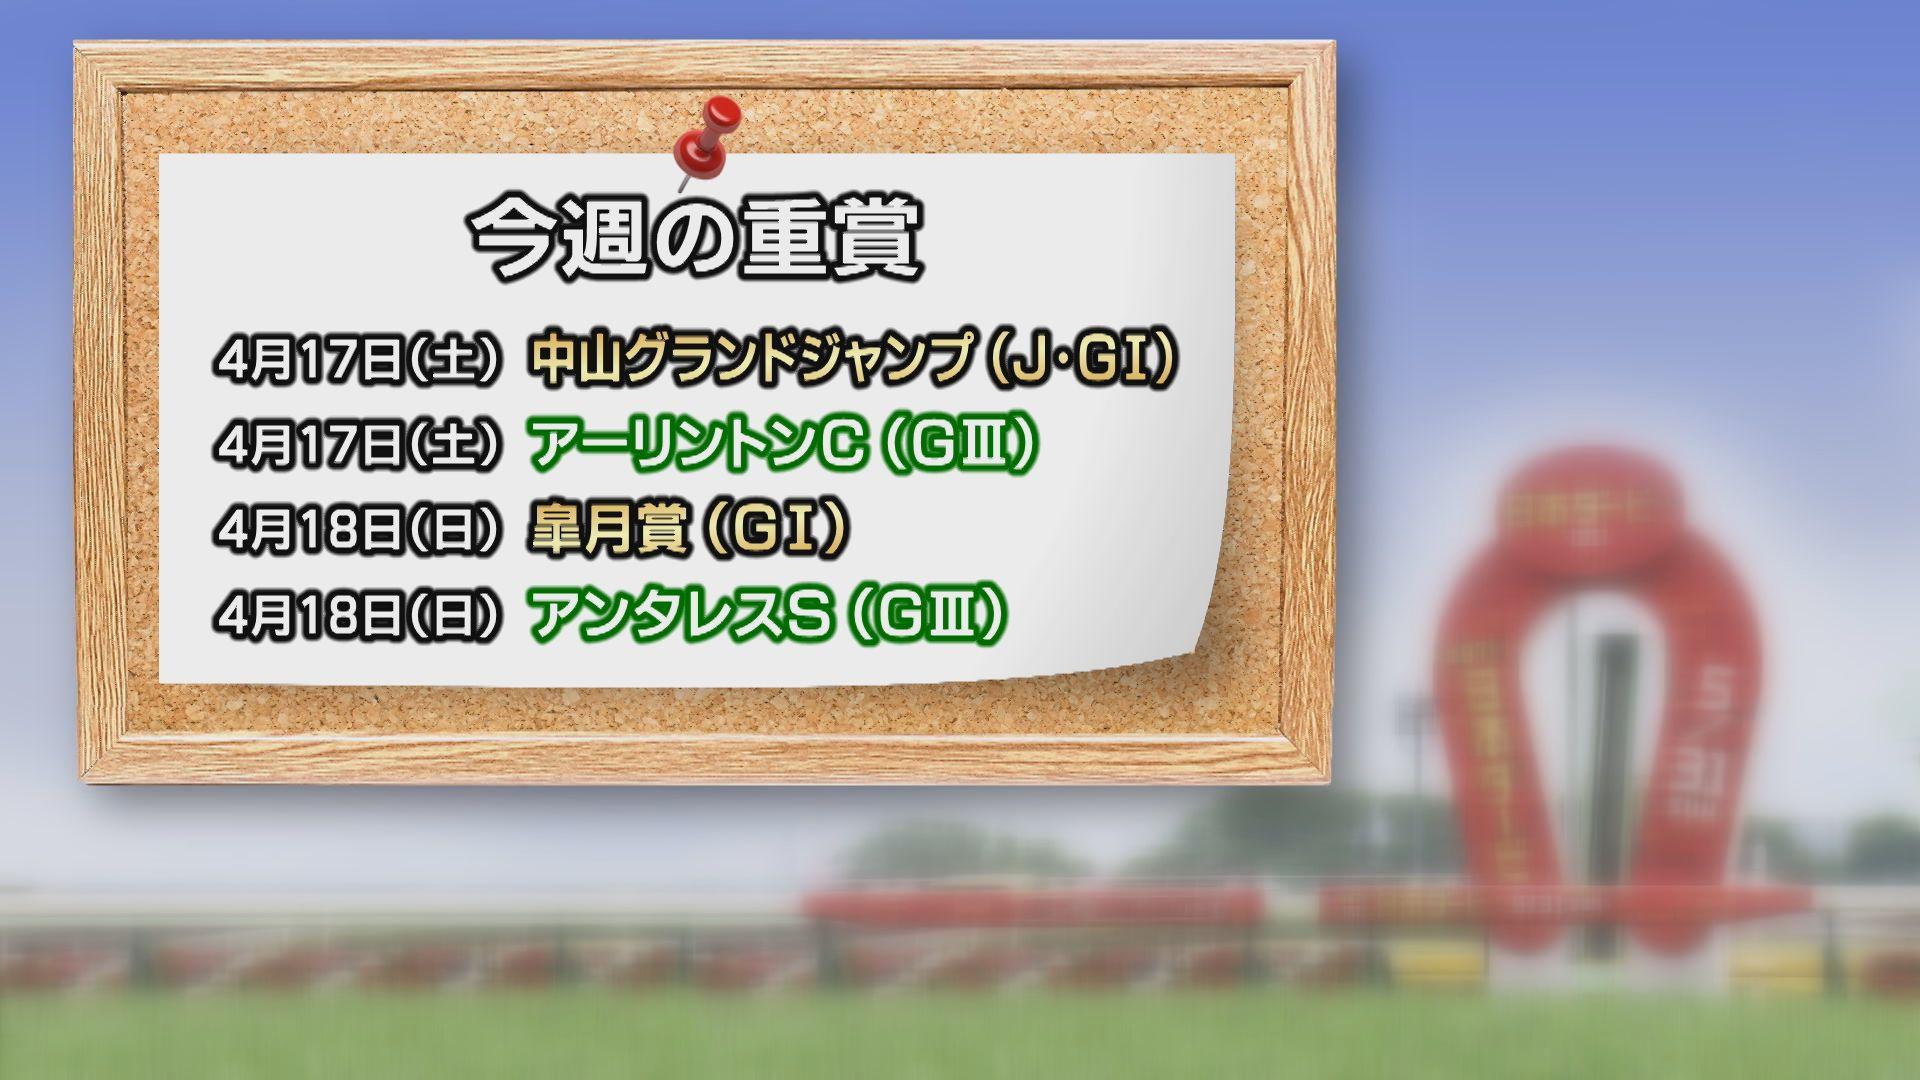 【今週の重賞インフォメーション】アーリントンC他 4/17(土)・18(日)